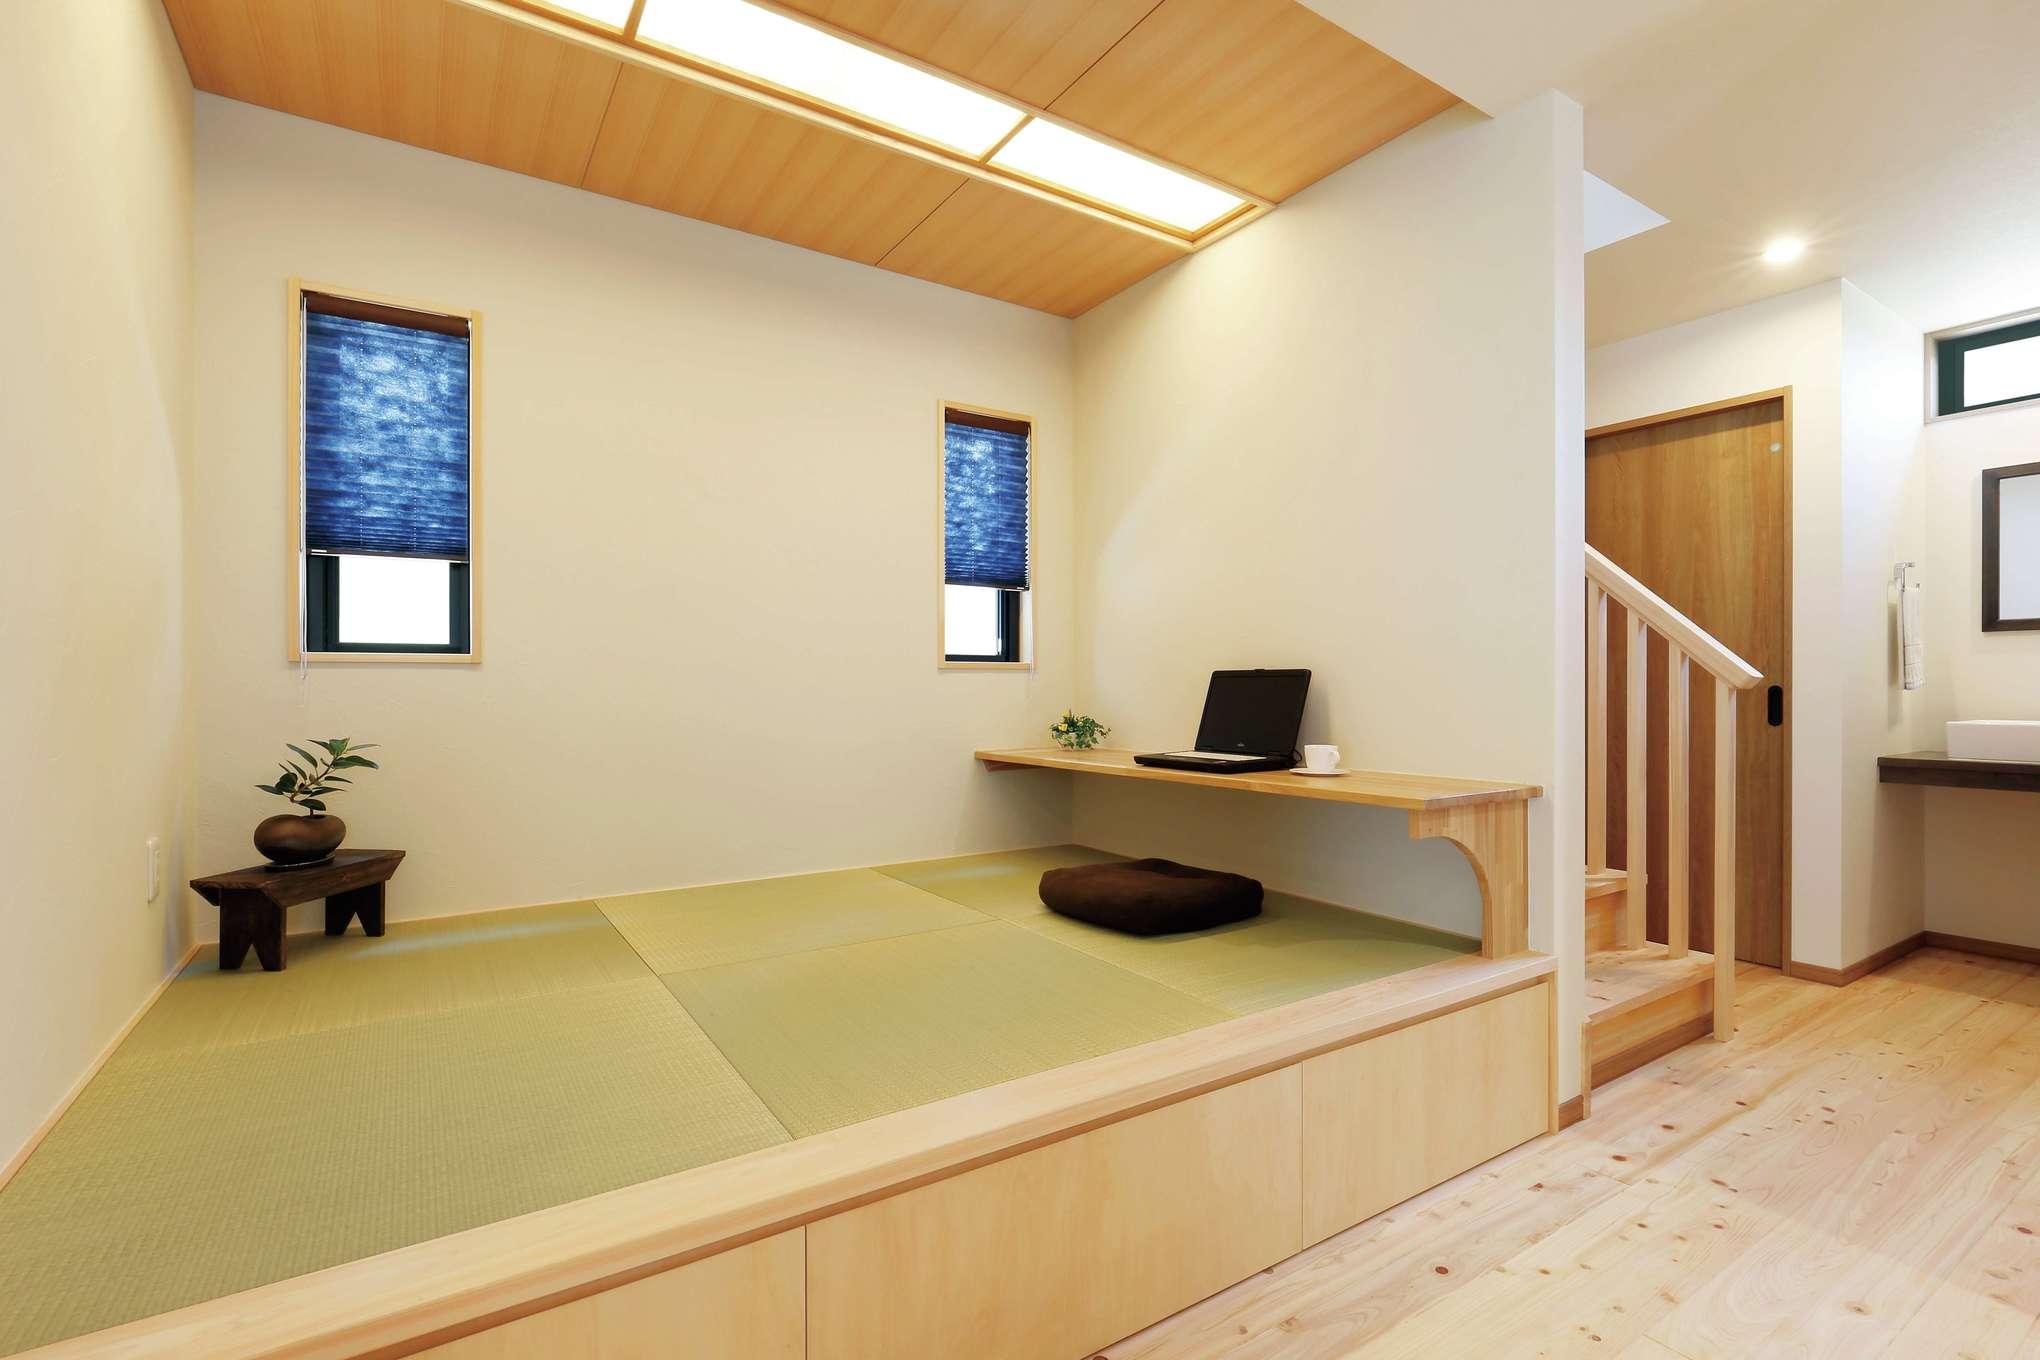 フジモクの家(富士木材)【デザイン住宅、収納力、自然素材】小上がりの畳コーナーは夫婦の一番のお気に入り。下は大容量の収納スペース